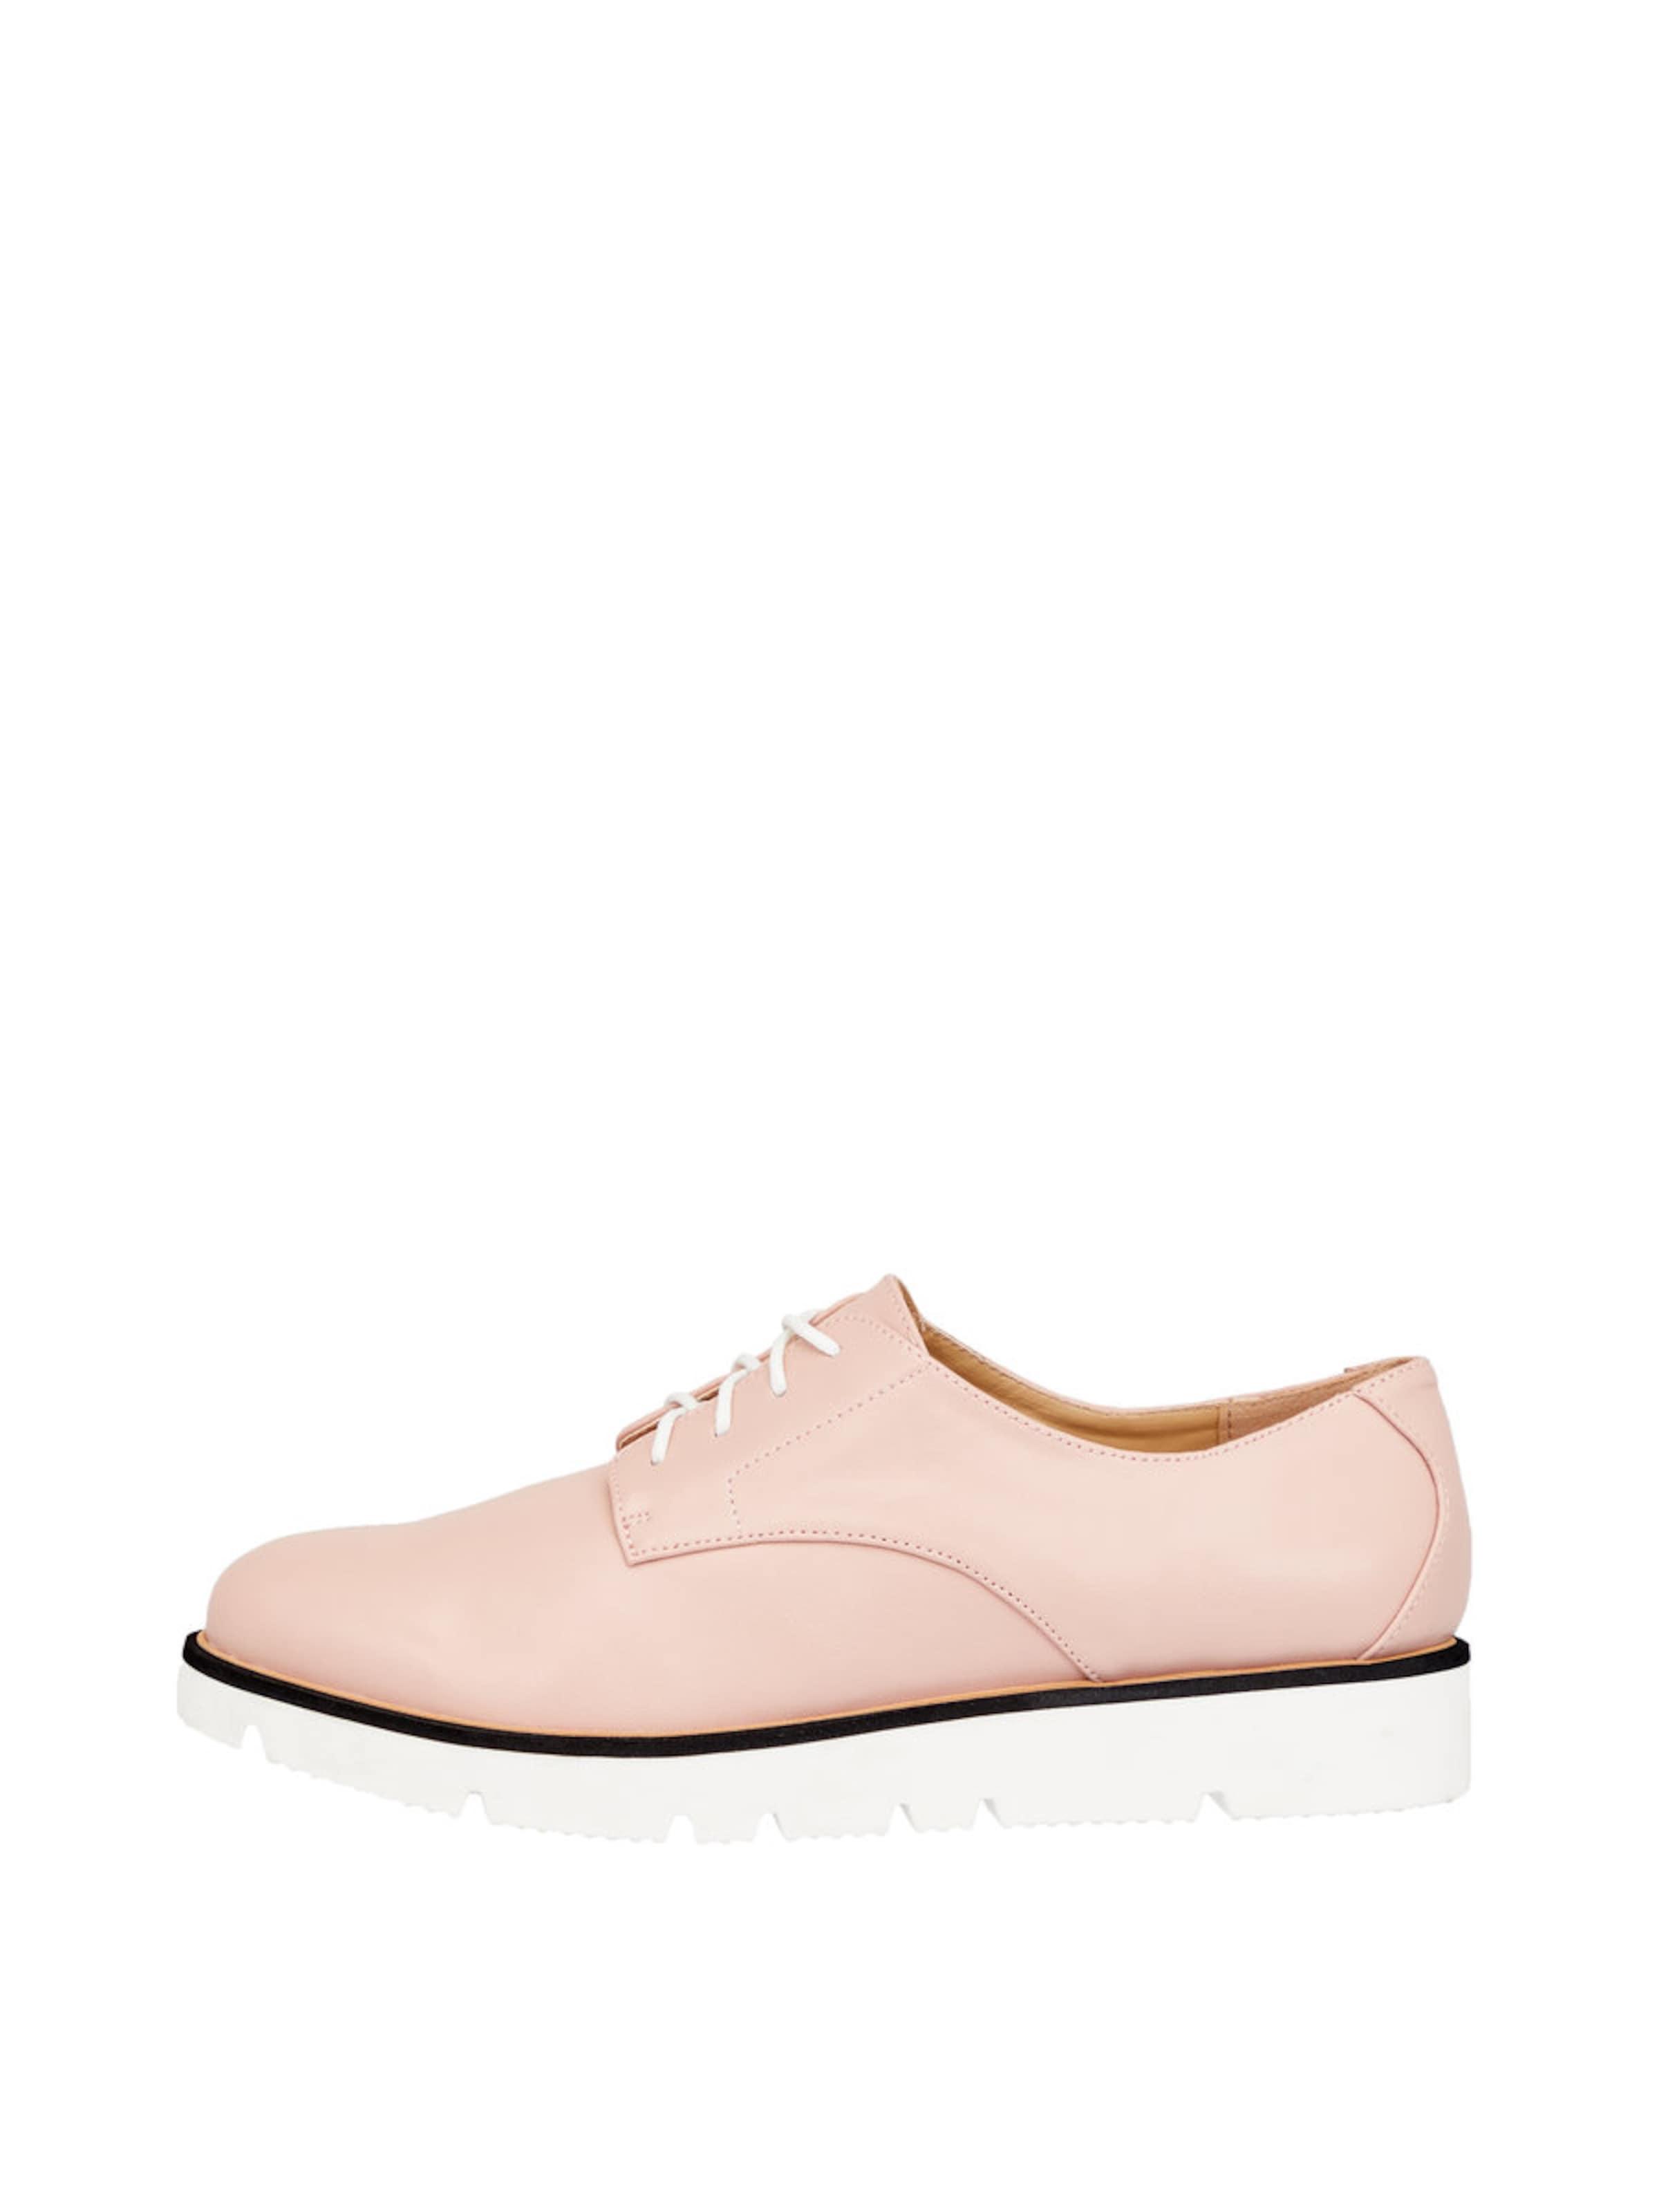 Bianco Schnür Schuhe Günstige und langlebige Schuhe